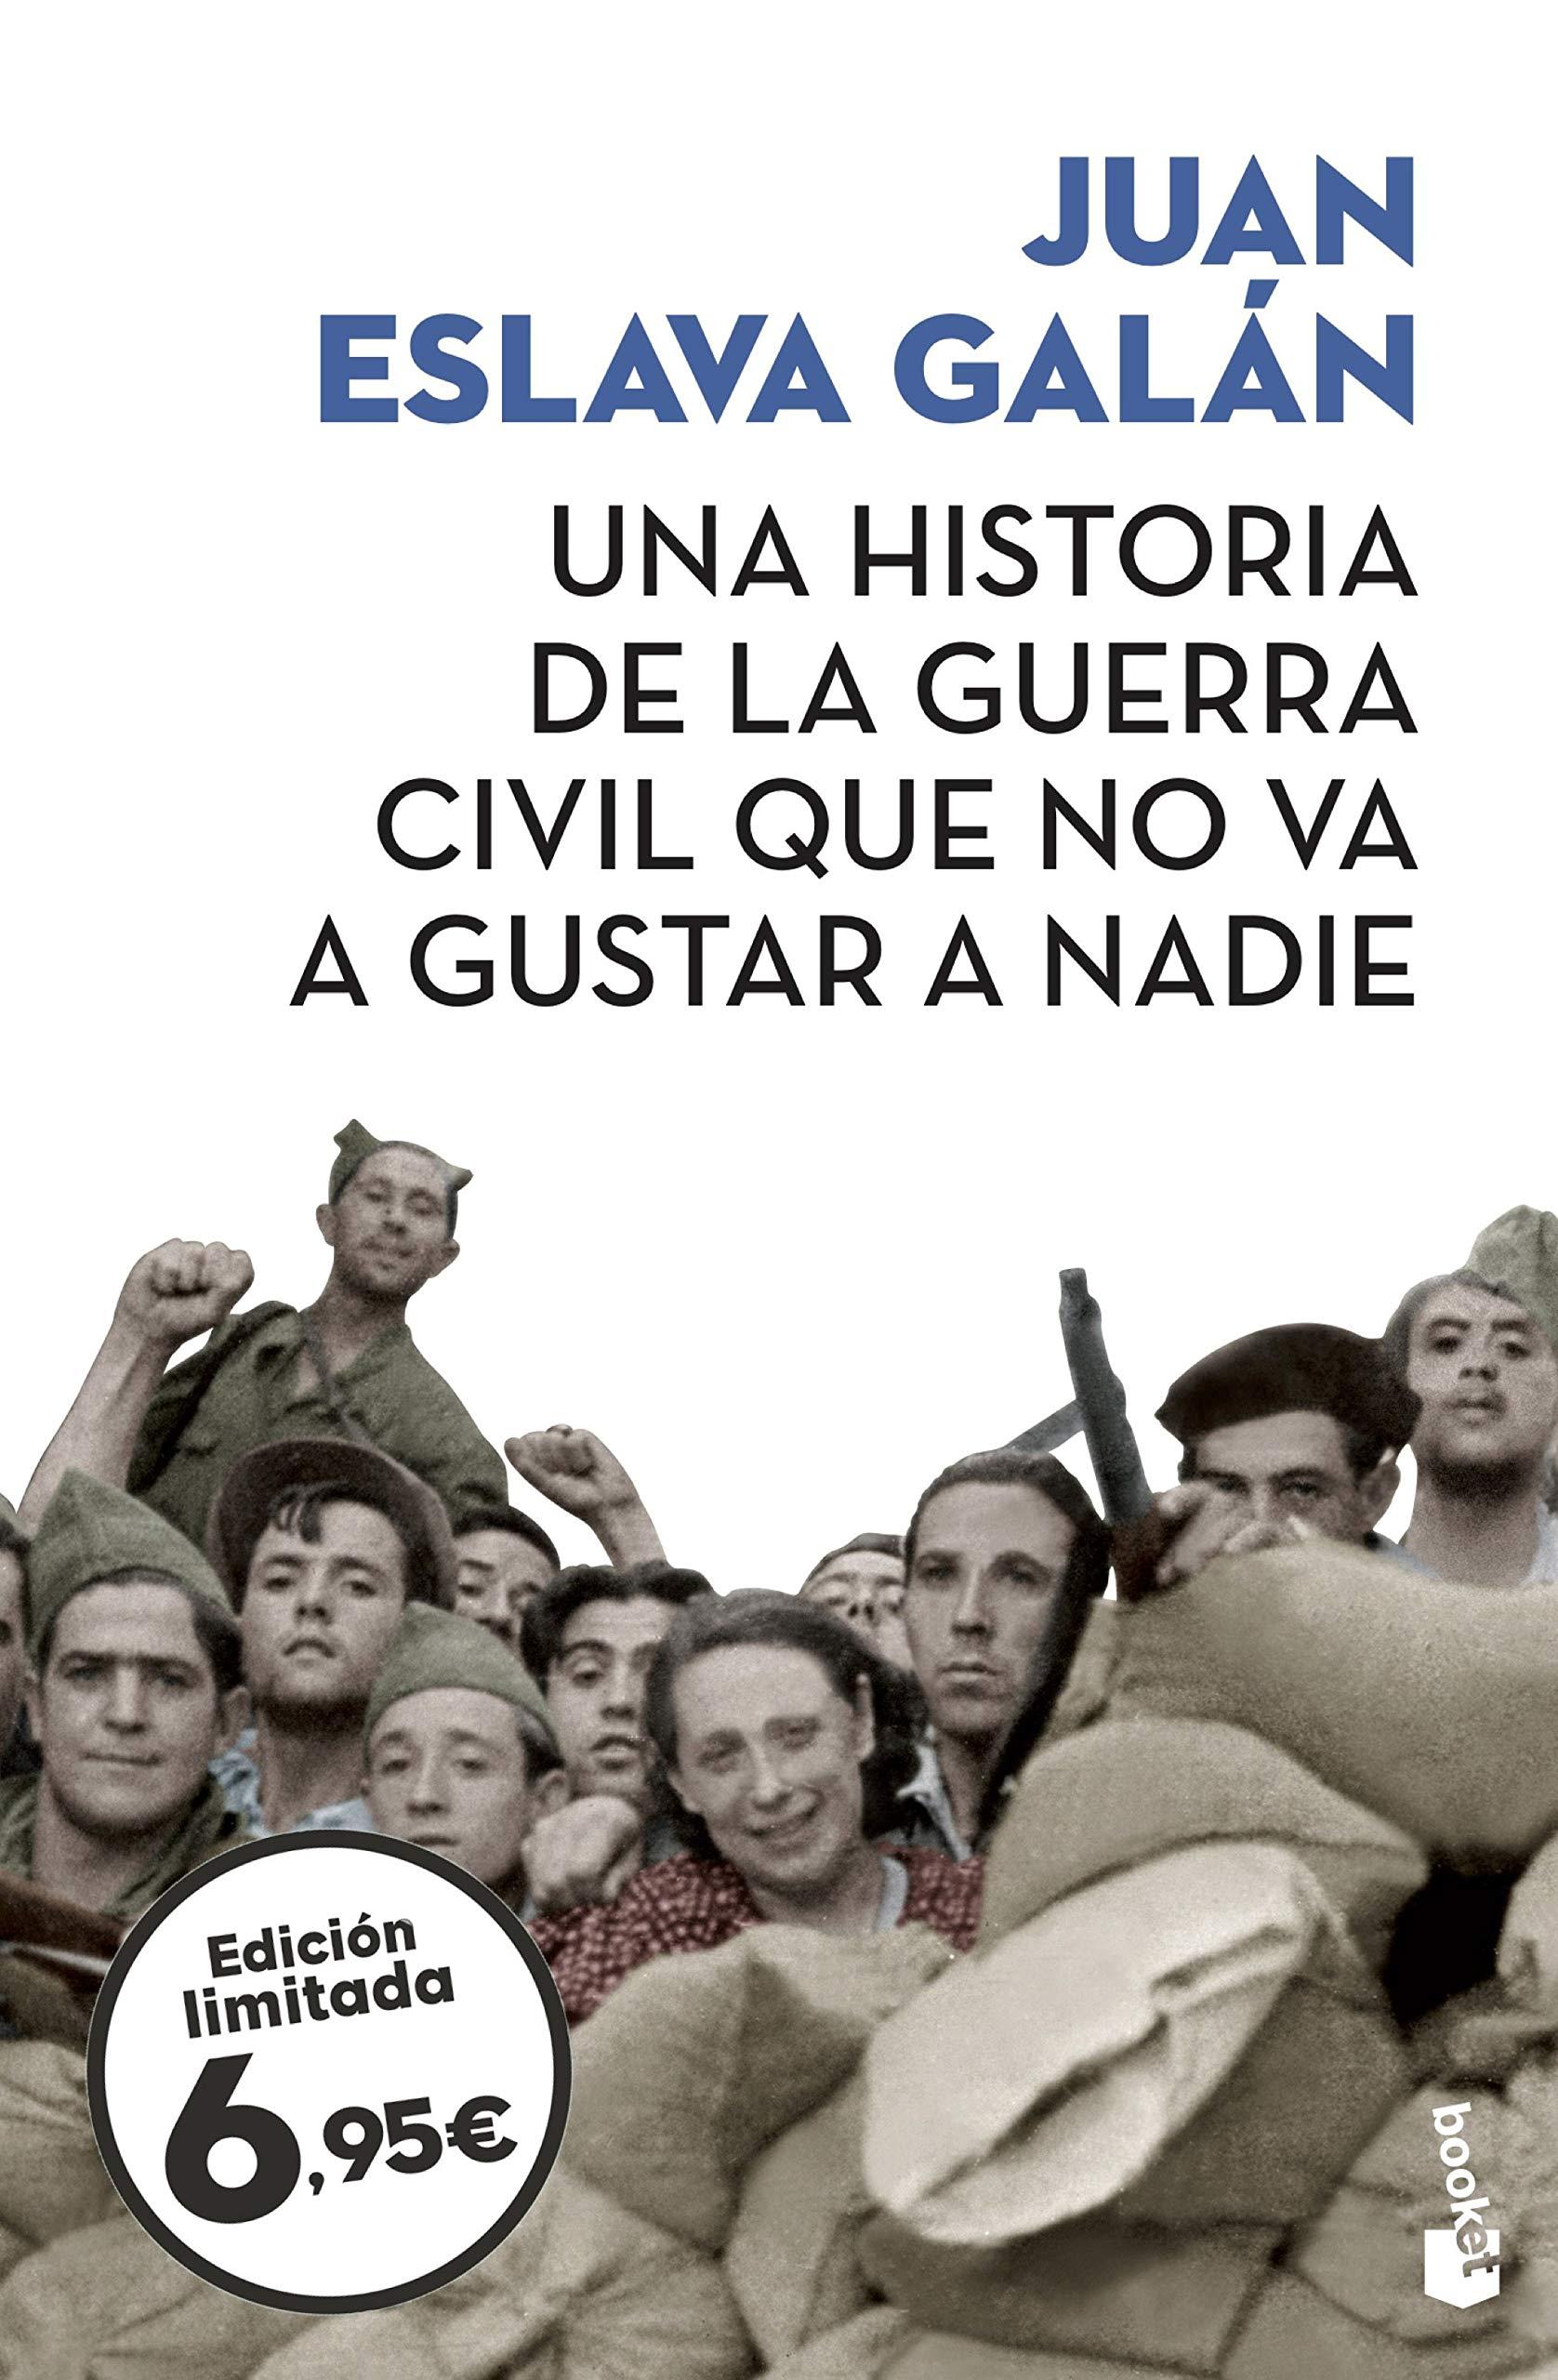 Una historia de la guerra civil que no va a gustar a nadie Verano 2019: Amazon.es: Eslava Galán, Juan: Libros